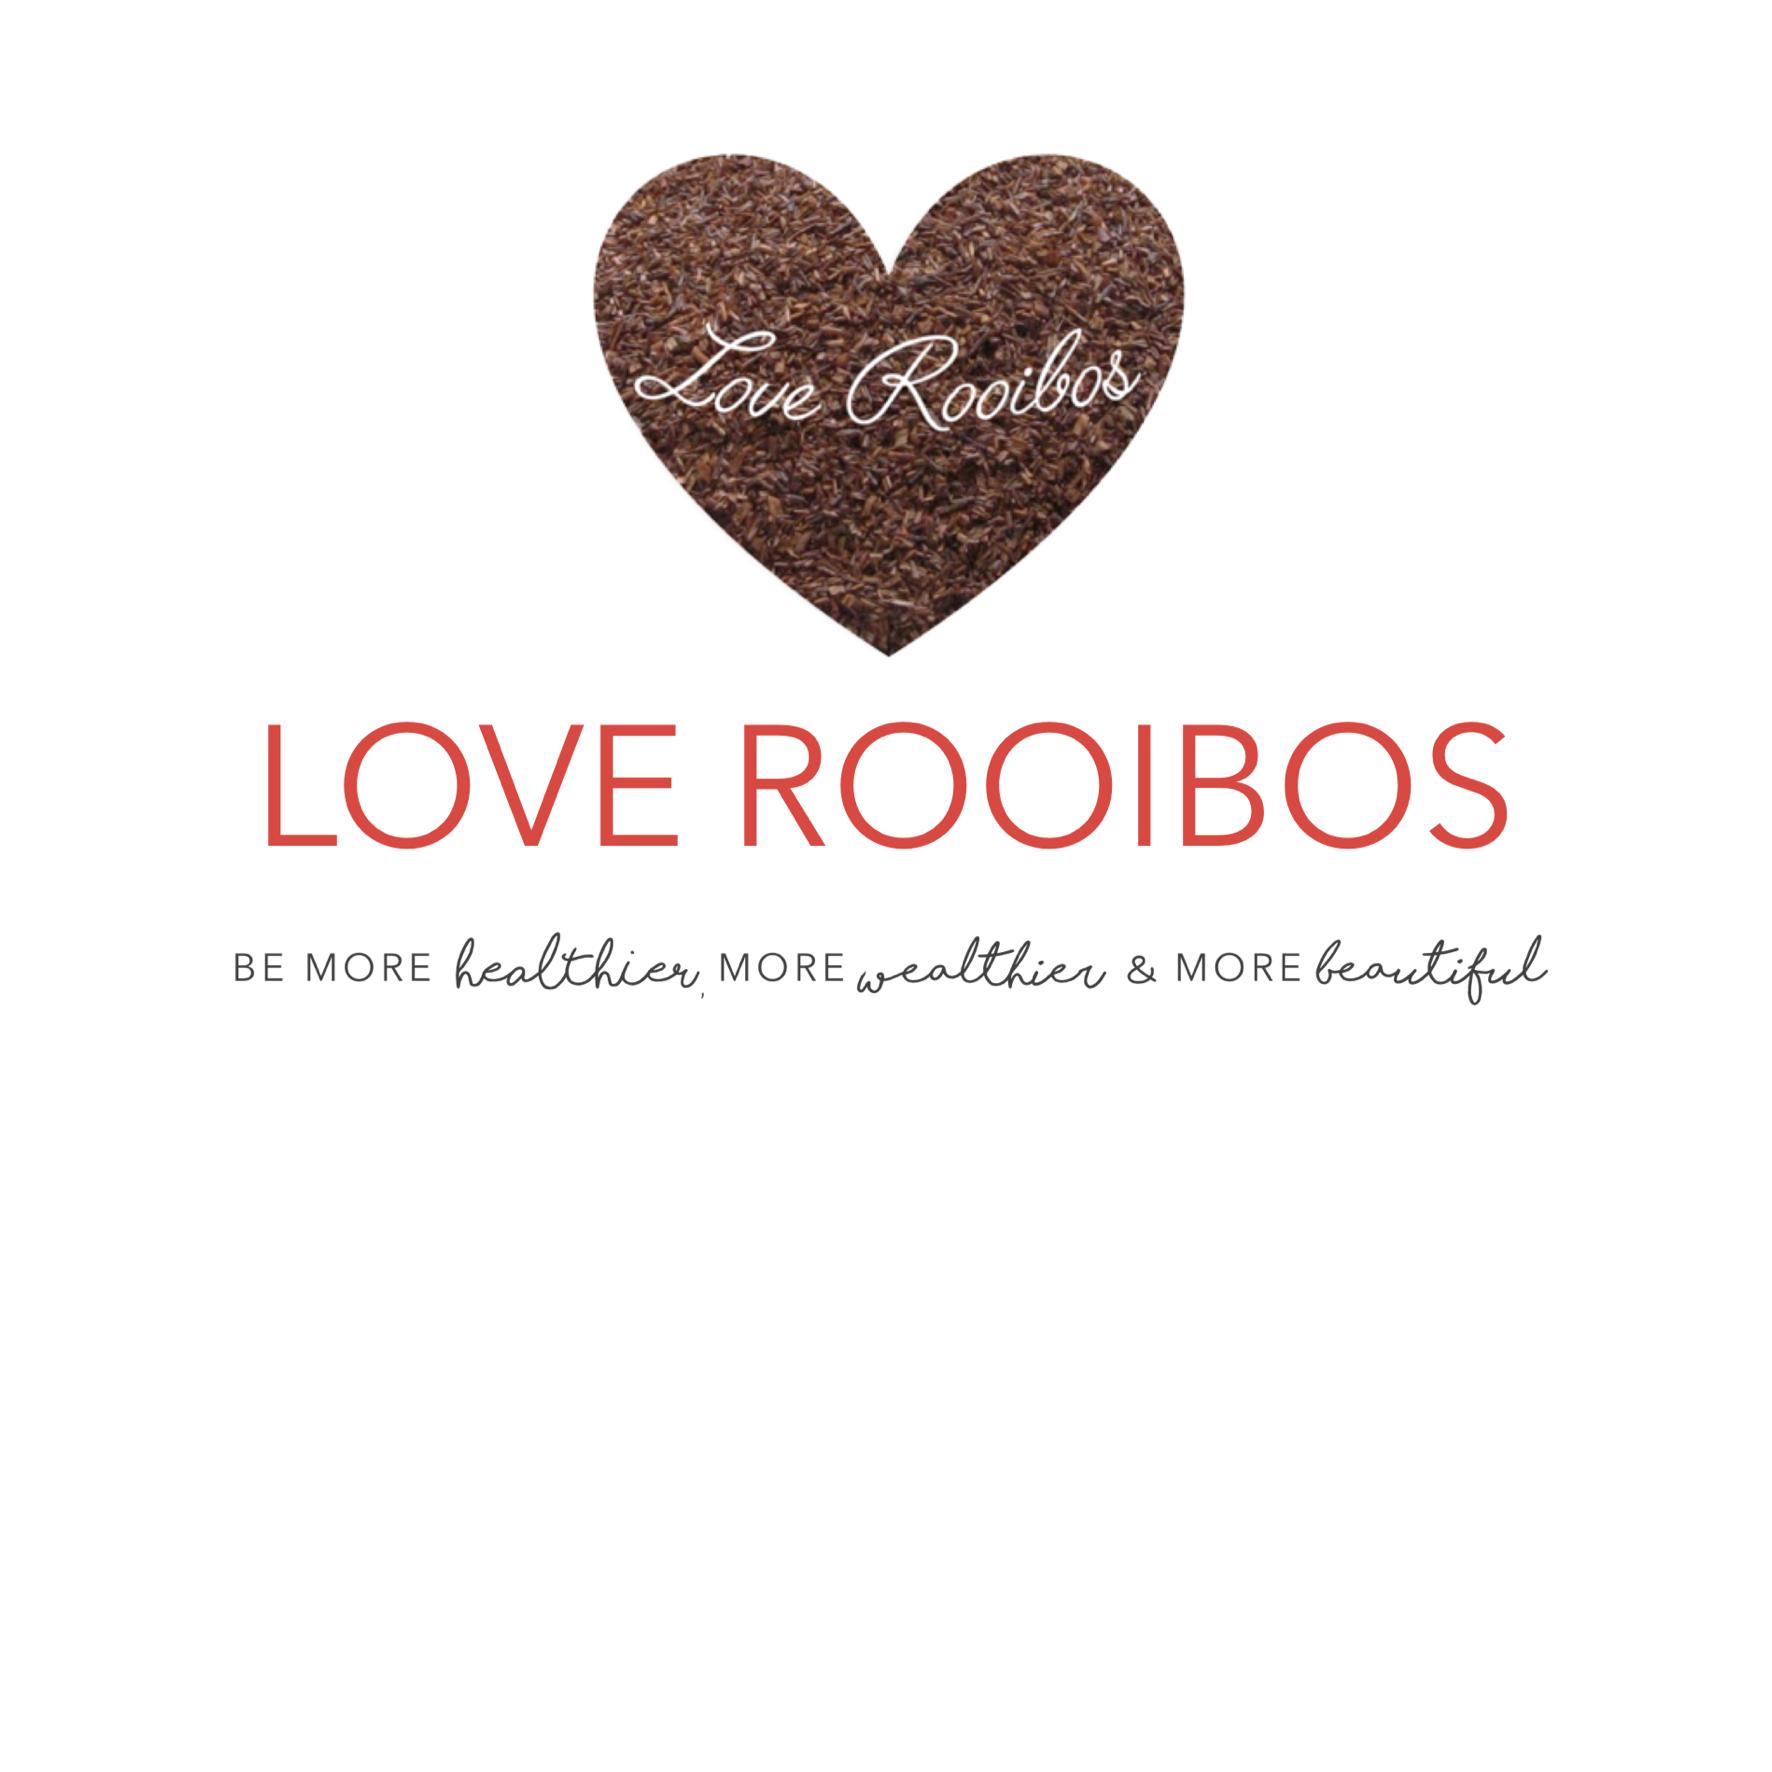 Love Rooibos